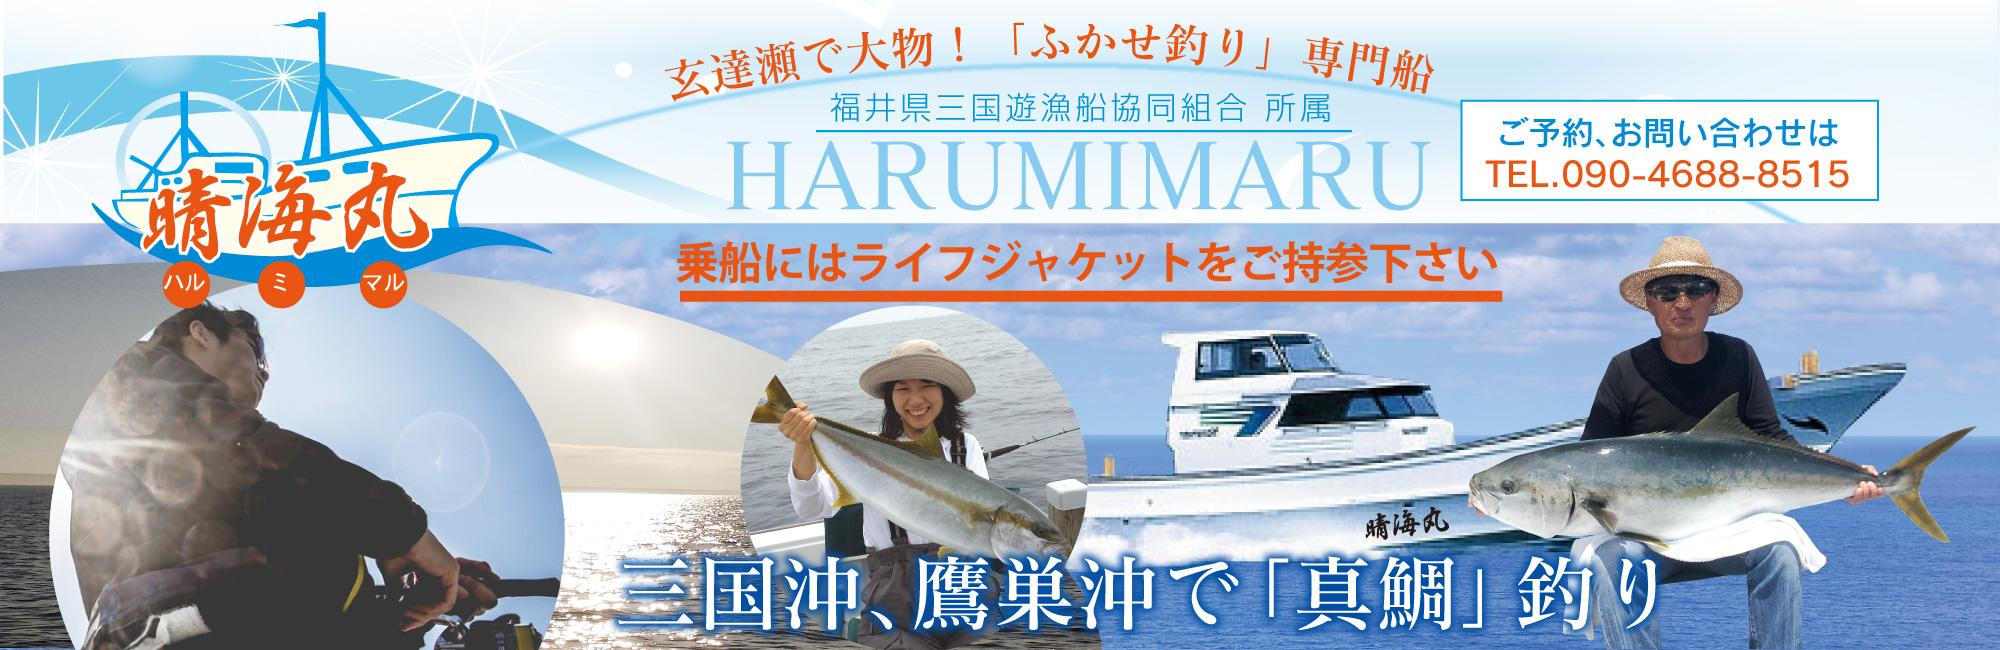 晴海丸は三国遊漁船協同組合所属のふかせ釣り専門船